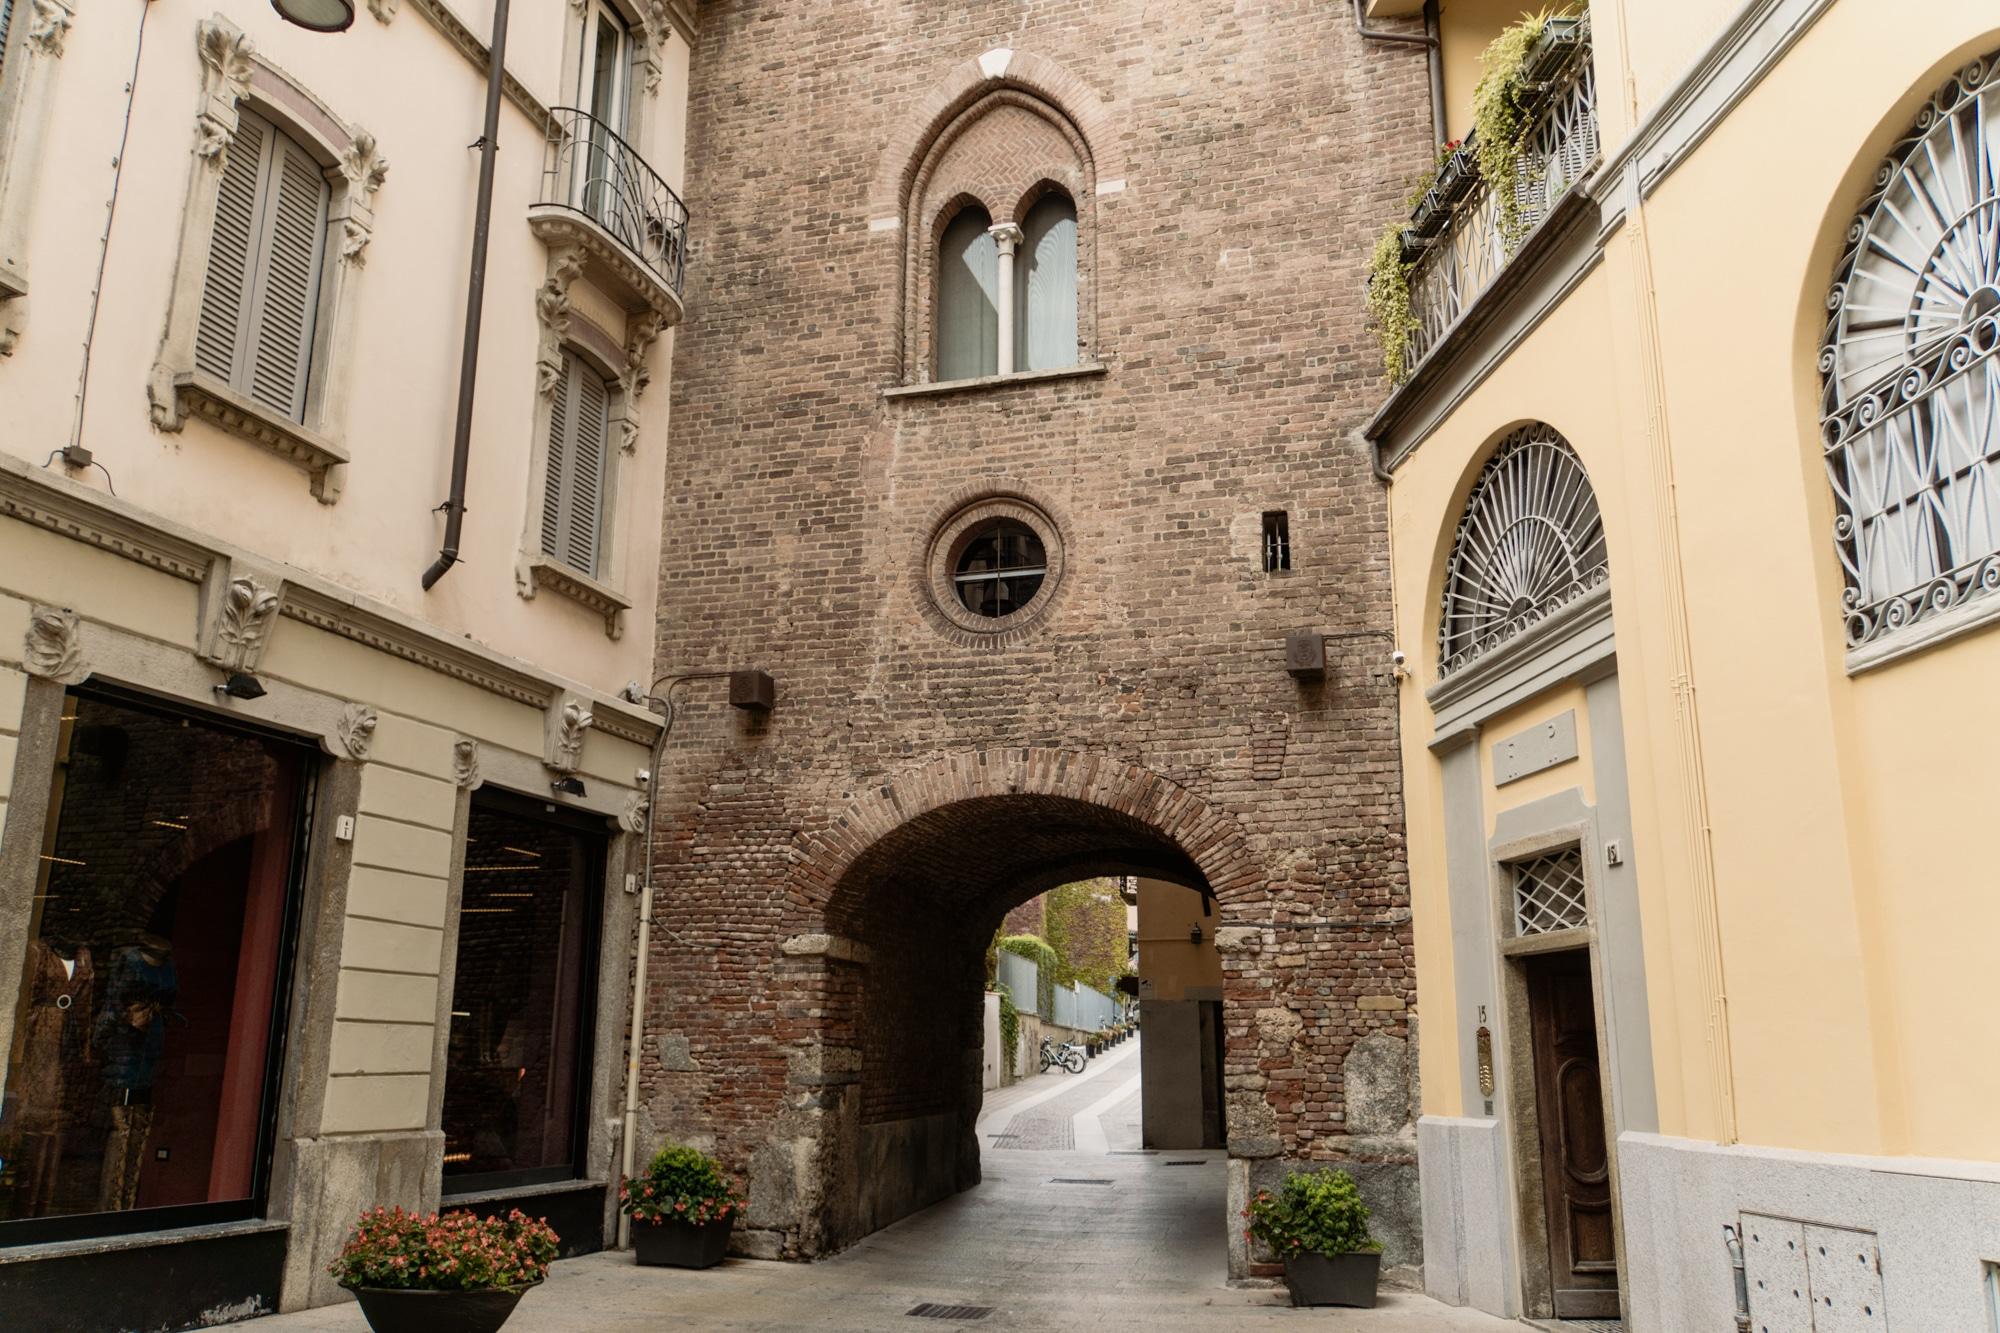 Monza und Brianza: Sehenswürdigkeiten und Highlights in der Lombardei - Monza Altstadt